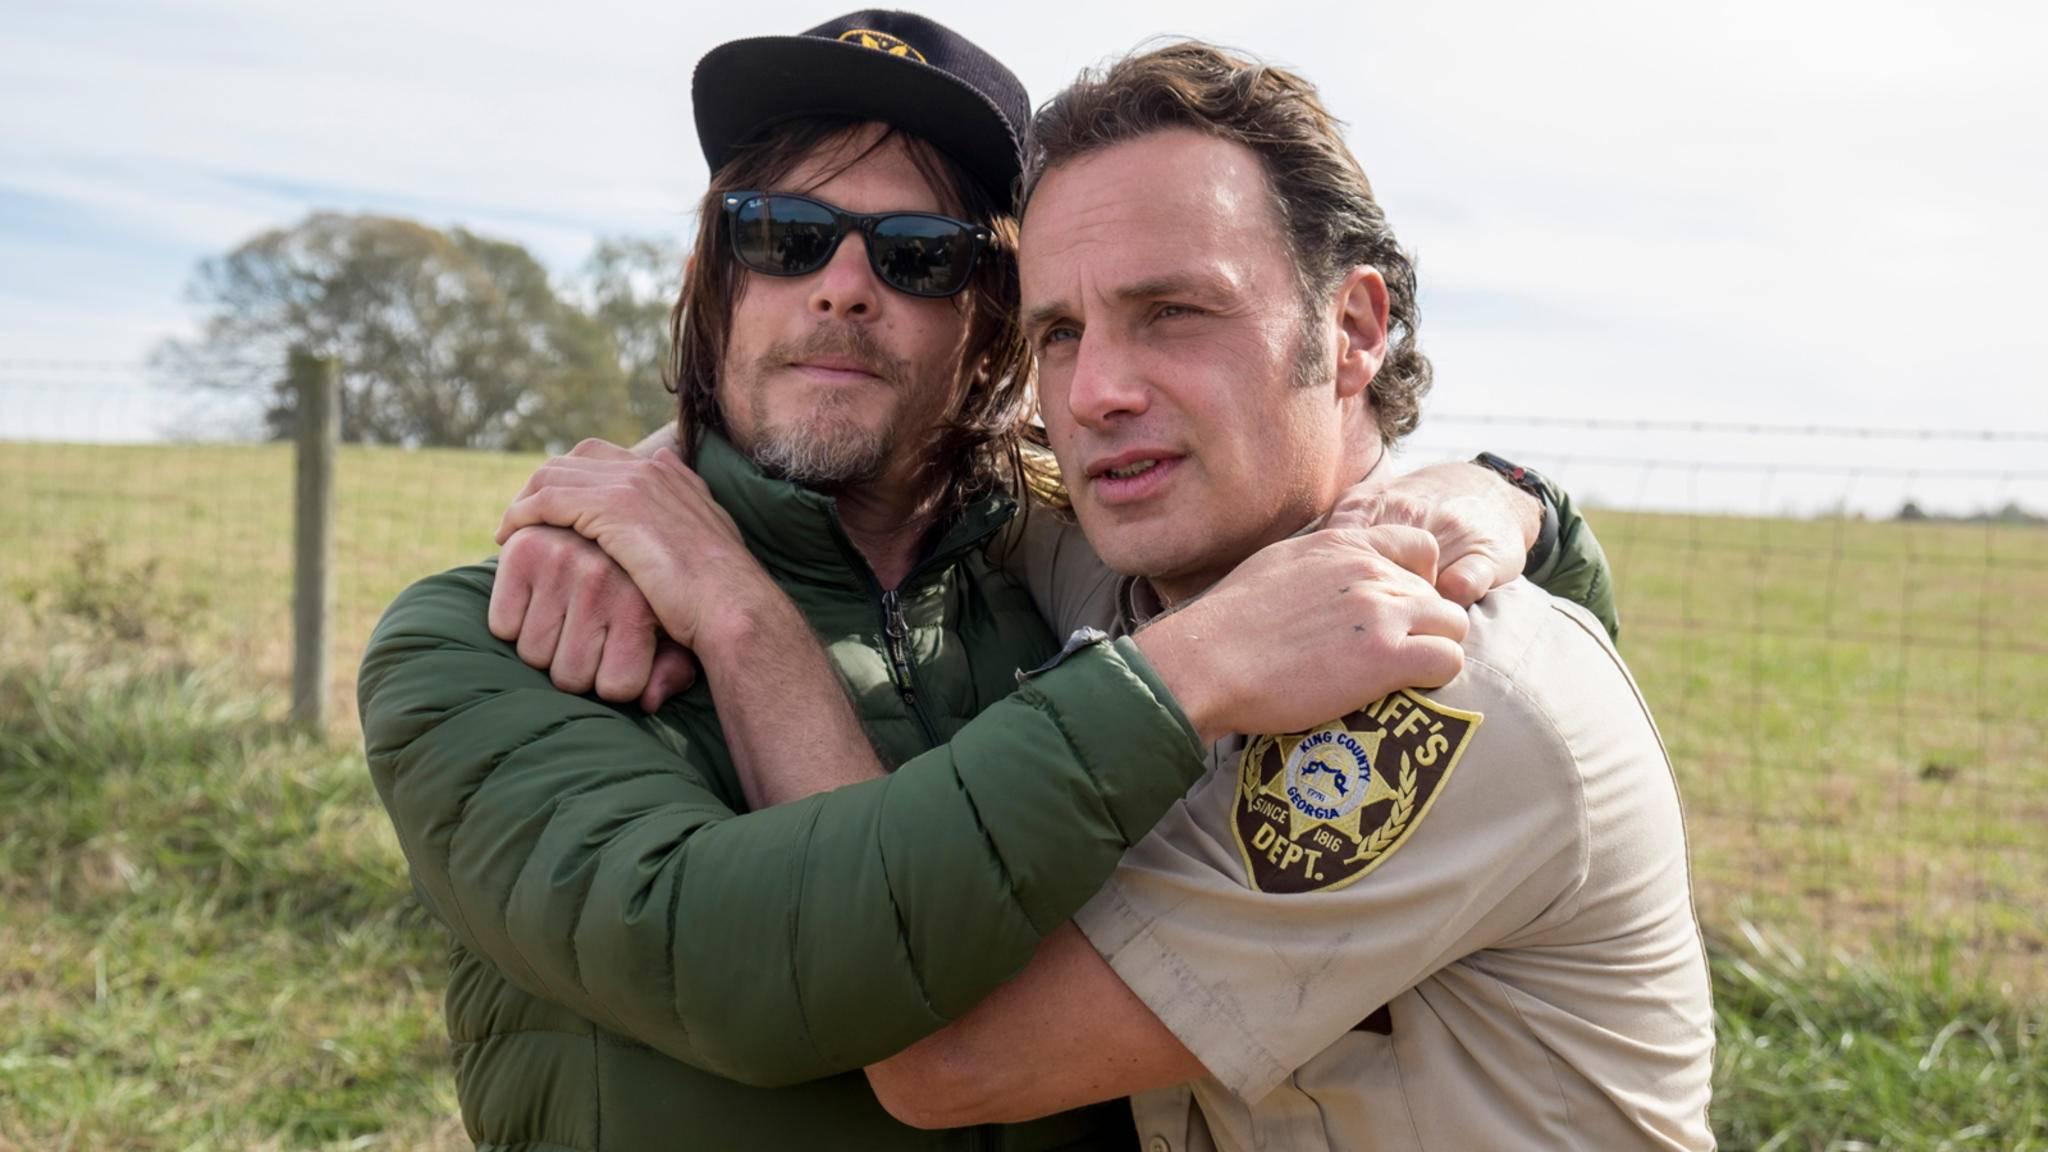 """Nicht nur """"The Walking Dead"""" glänzt mit einer denkwürdigen Männerfreundschaft."""